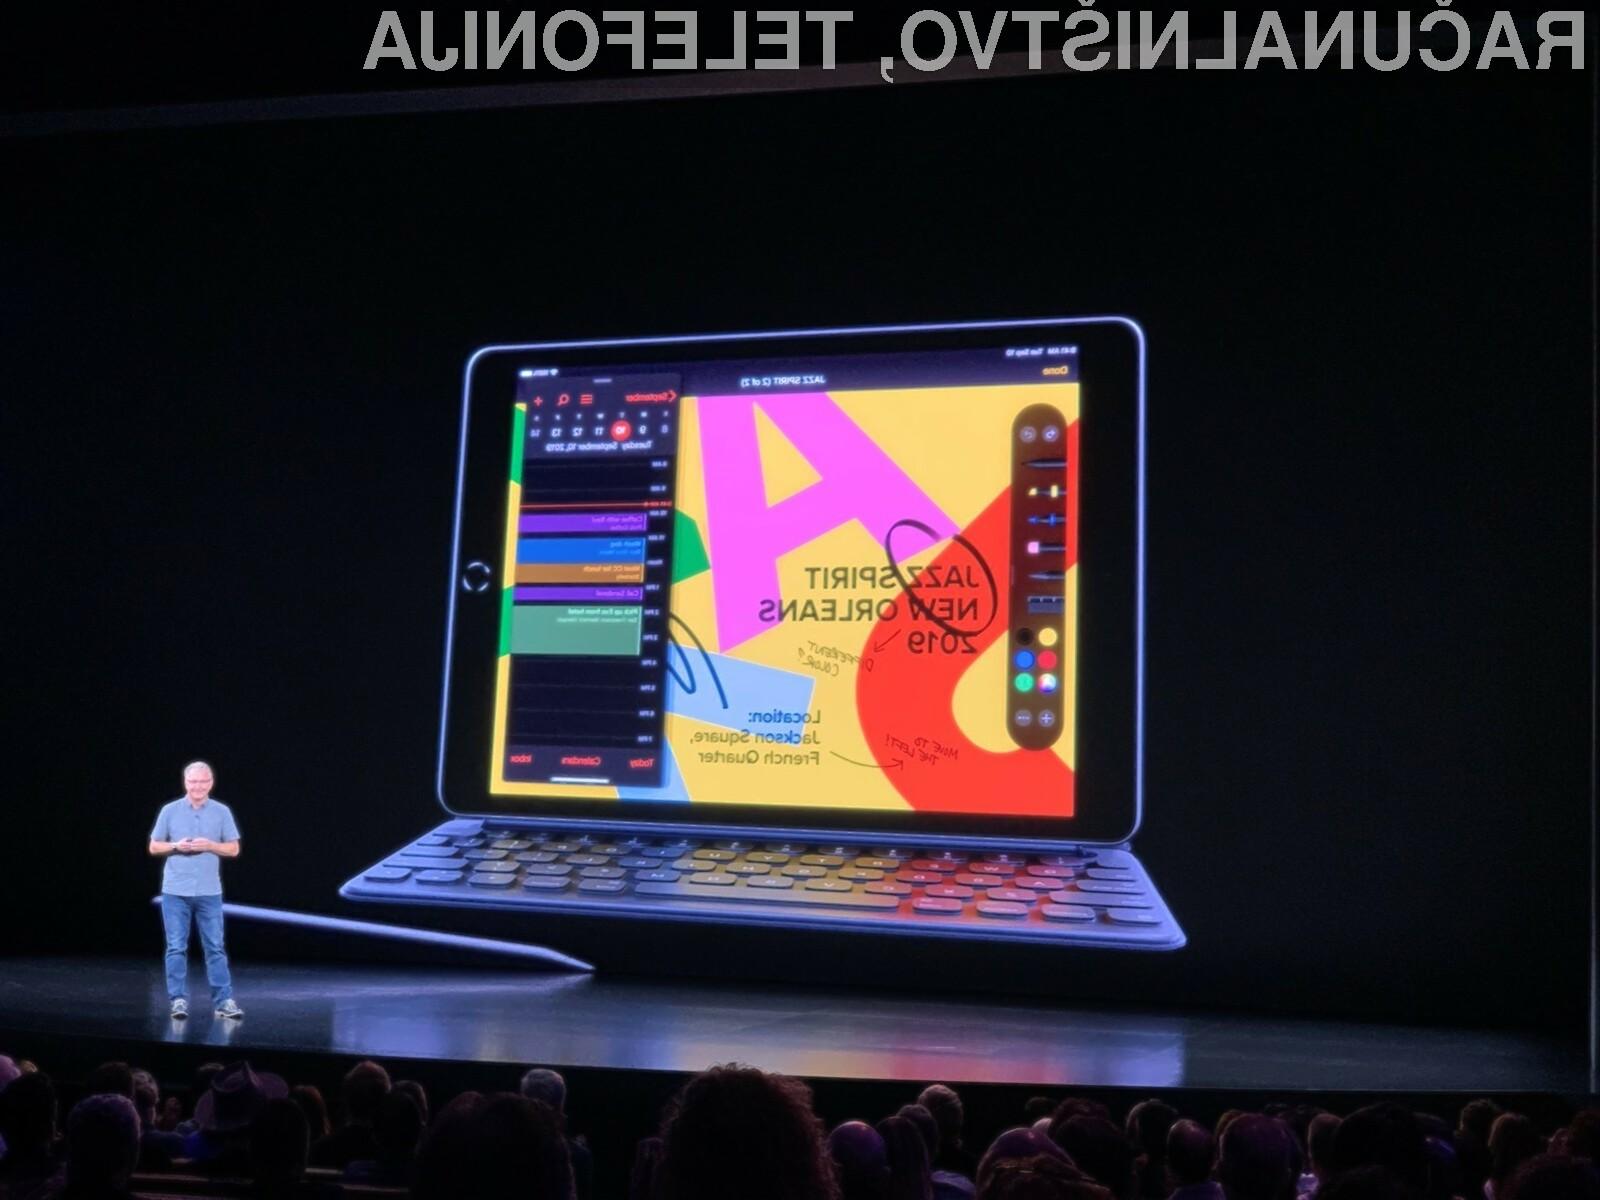 predstavljeni-su-iphone-11-i-iphone-11-pro-novi-ipad-i-apple-watch_jbeic1.jpg